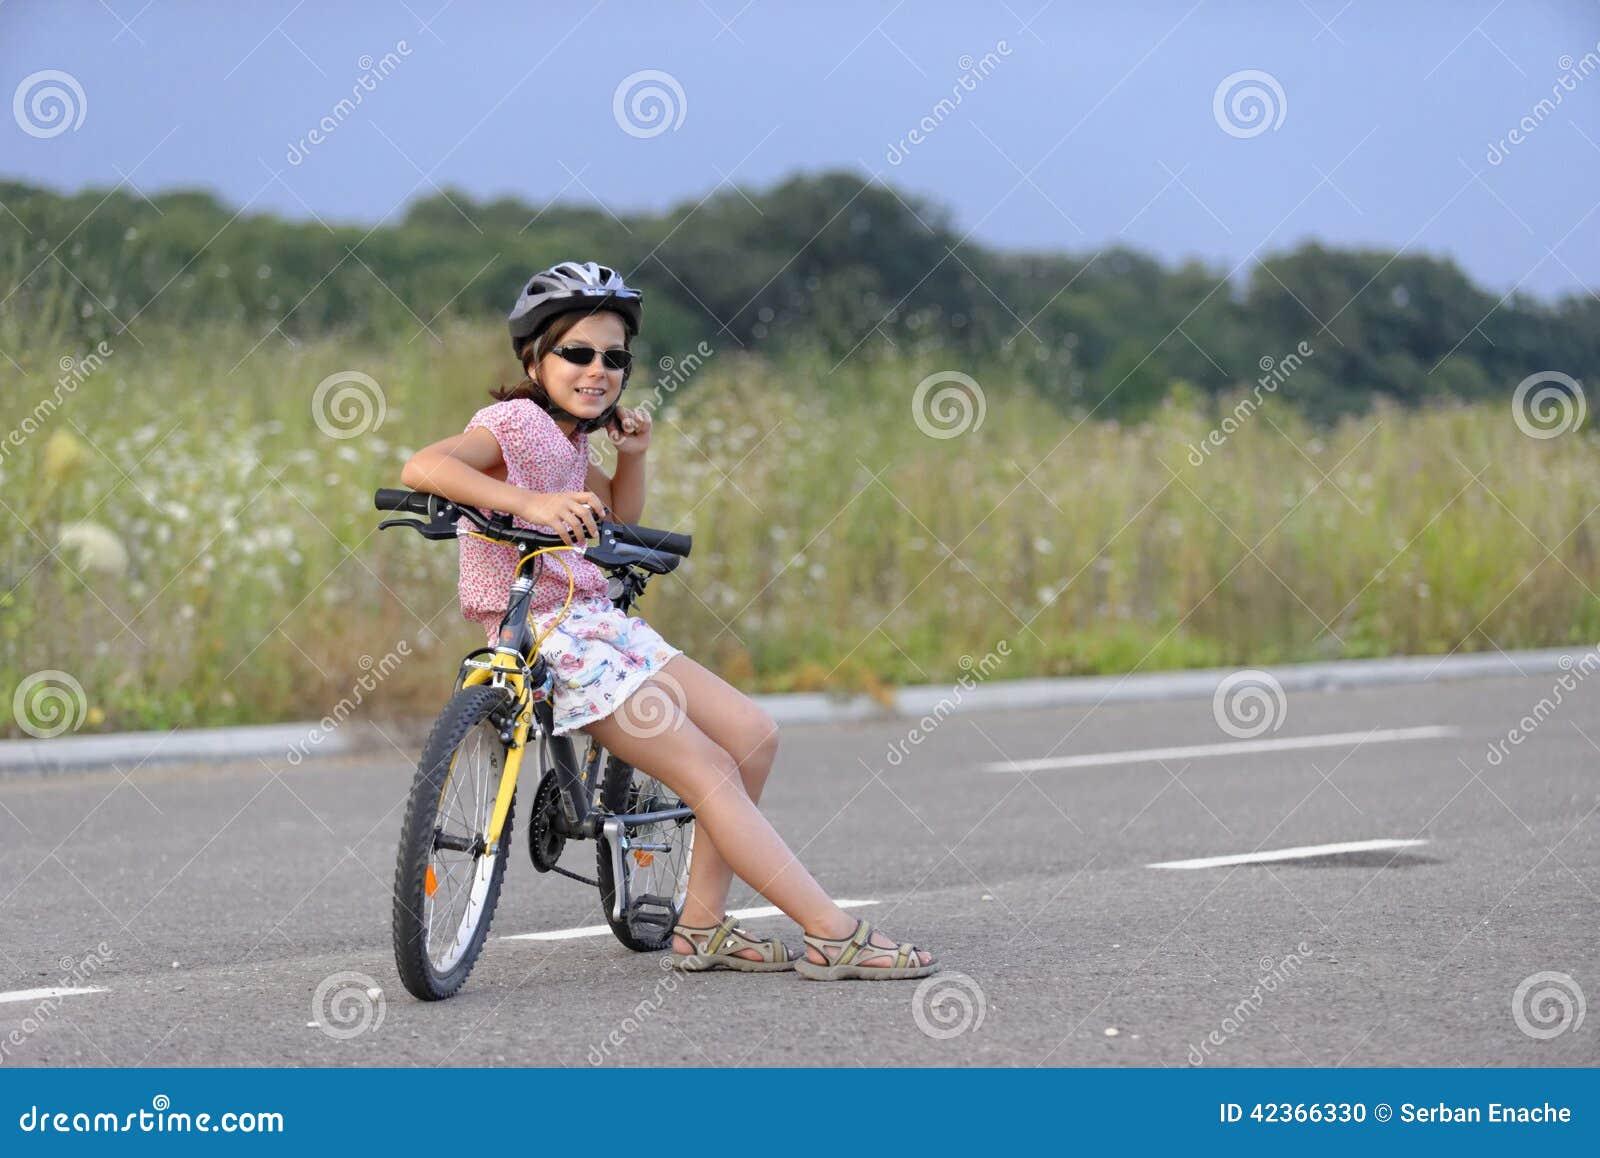 Склонность девушки против велосипеда